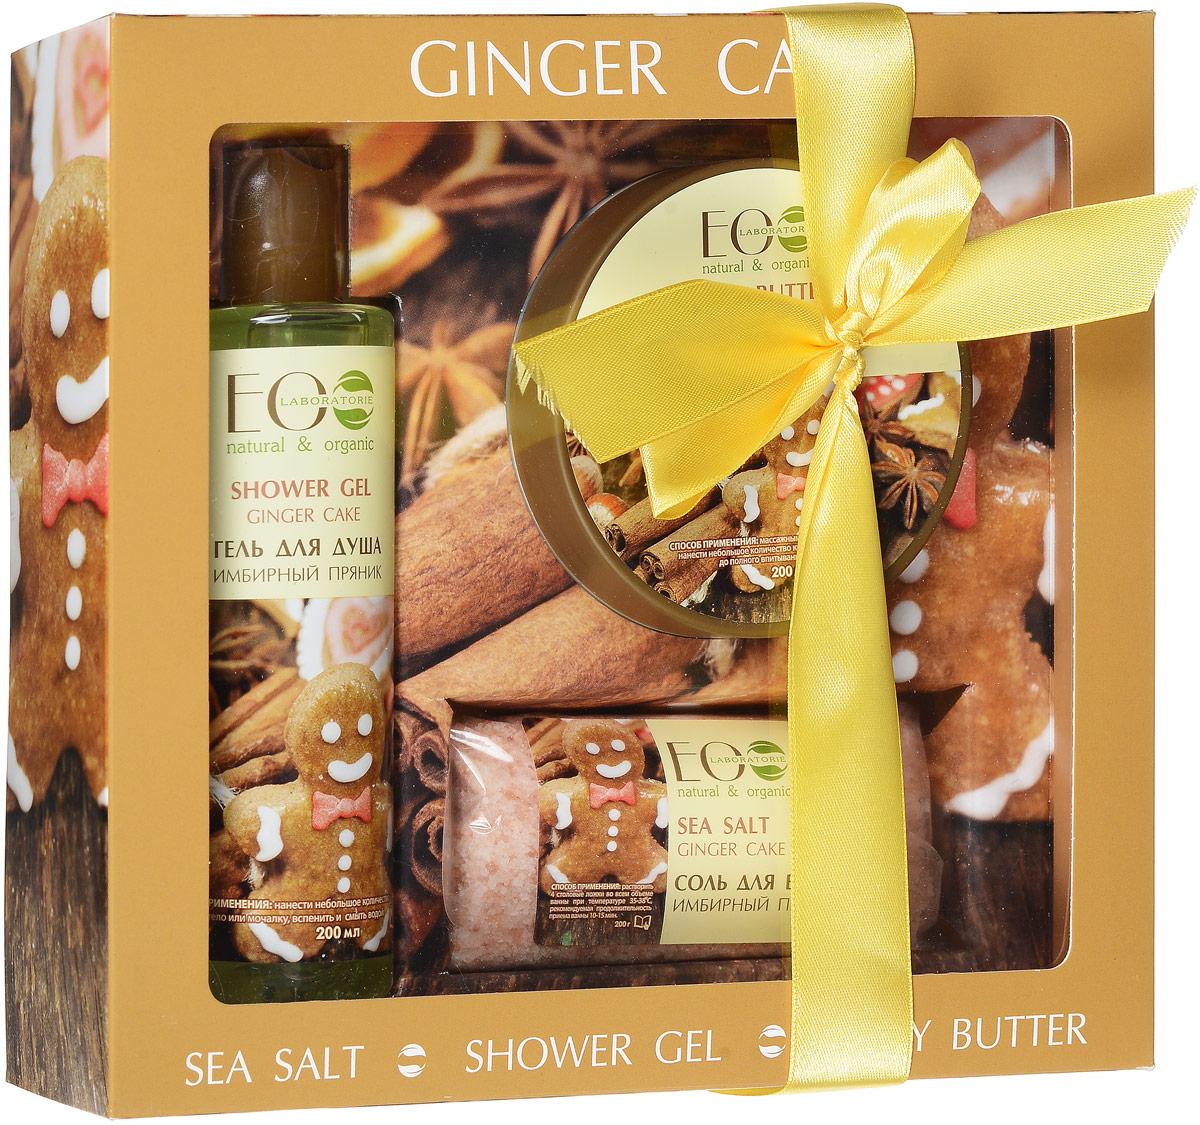 EcoLab ЭкоЛаб Подарочный набор: Ginger cake (соль 200г,гель 200г, баттер 200мл)4627089432544Подарочный набор ЭкоЛаб станет приятным и полезным презентом, который окажет необходимый уход за кожей и будет радовать неповторимыми ароматами. В состав набора входят: Гель для душа, крем-баттер для тела, соль для ванны